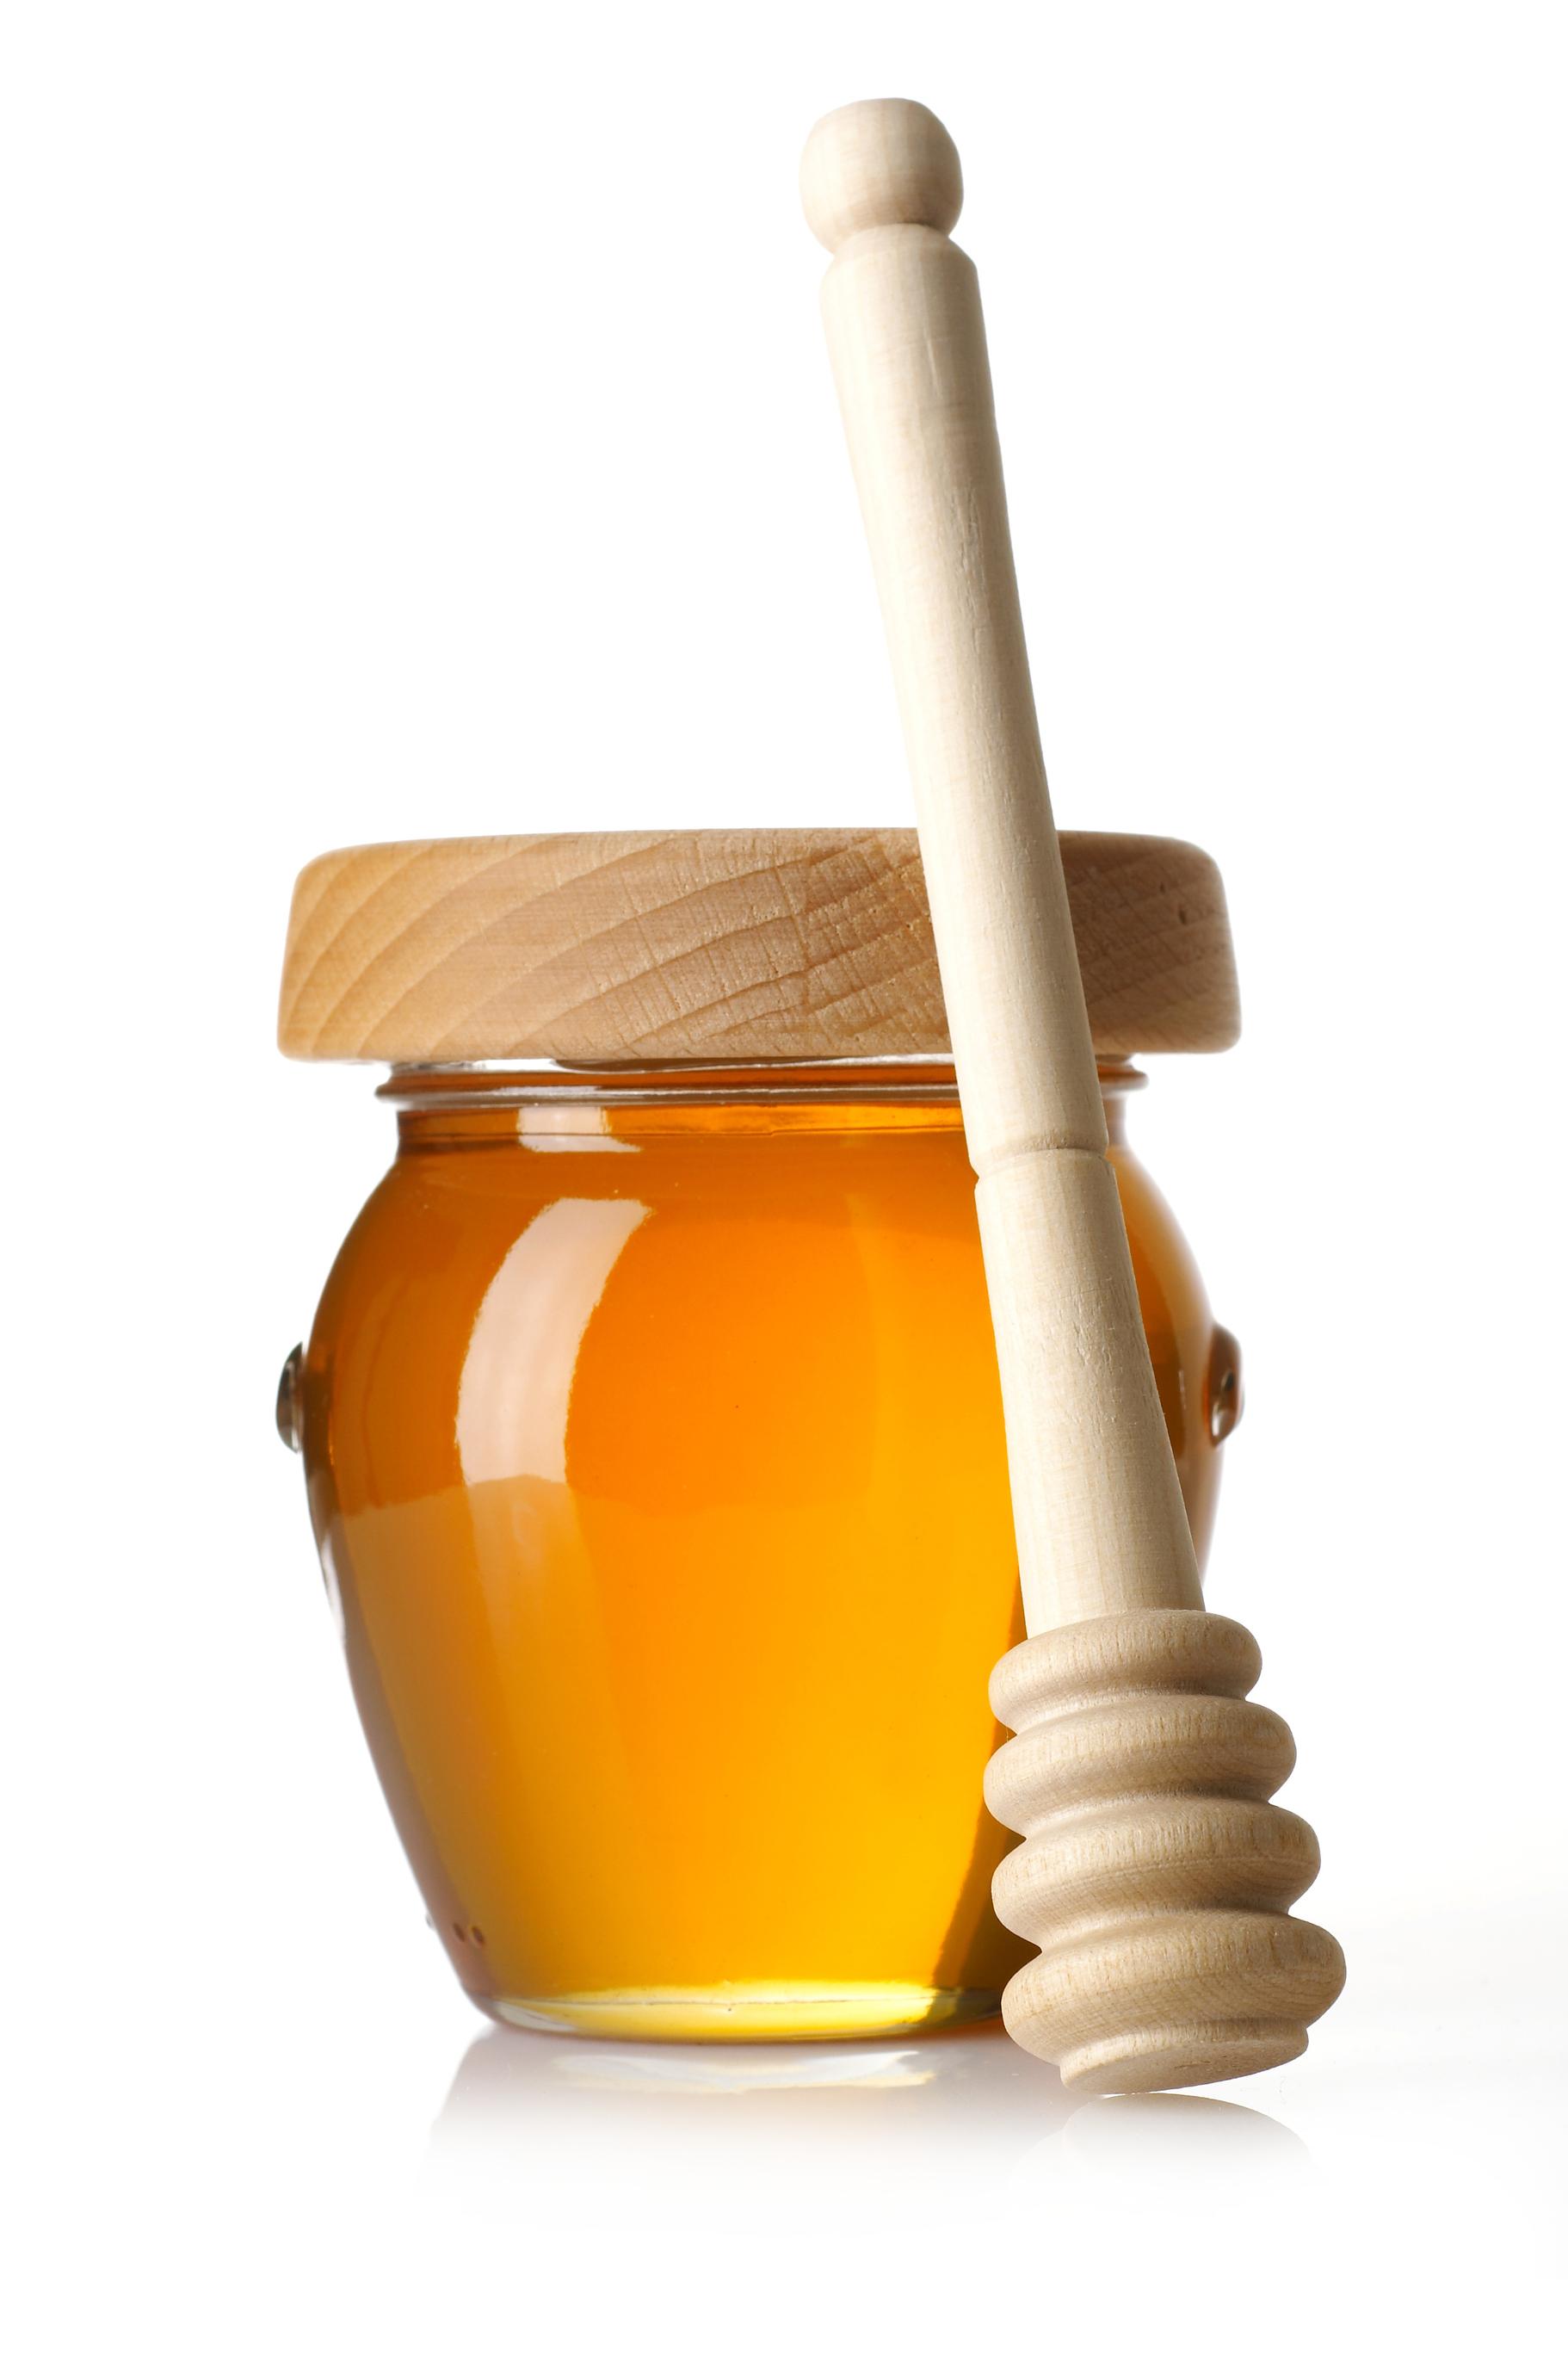 pot-of-honey-3680493.png